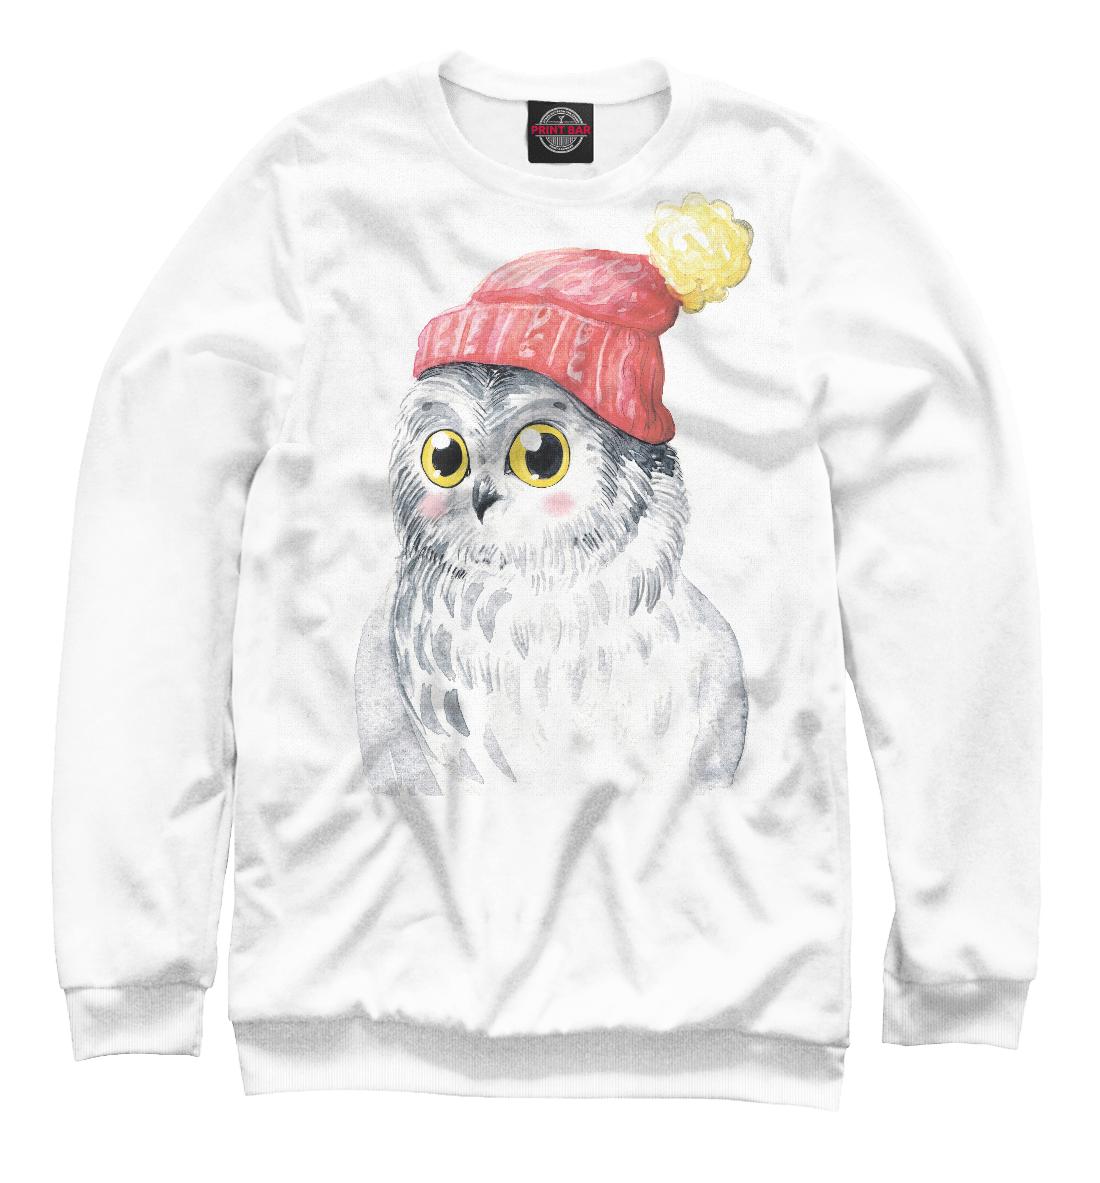 Купить Совенок, Printbar, Свитшоты, OWL-528996-swi-2